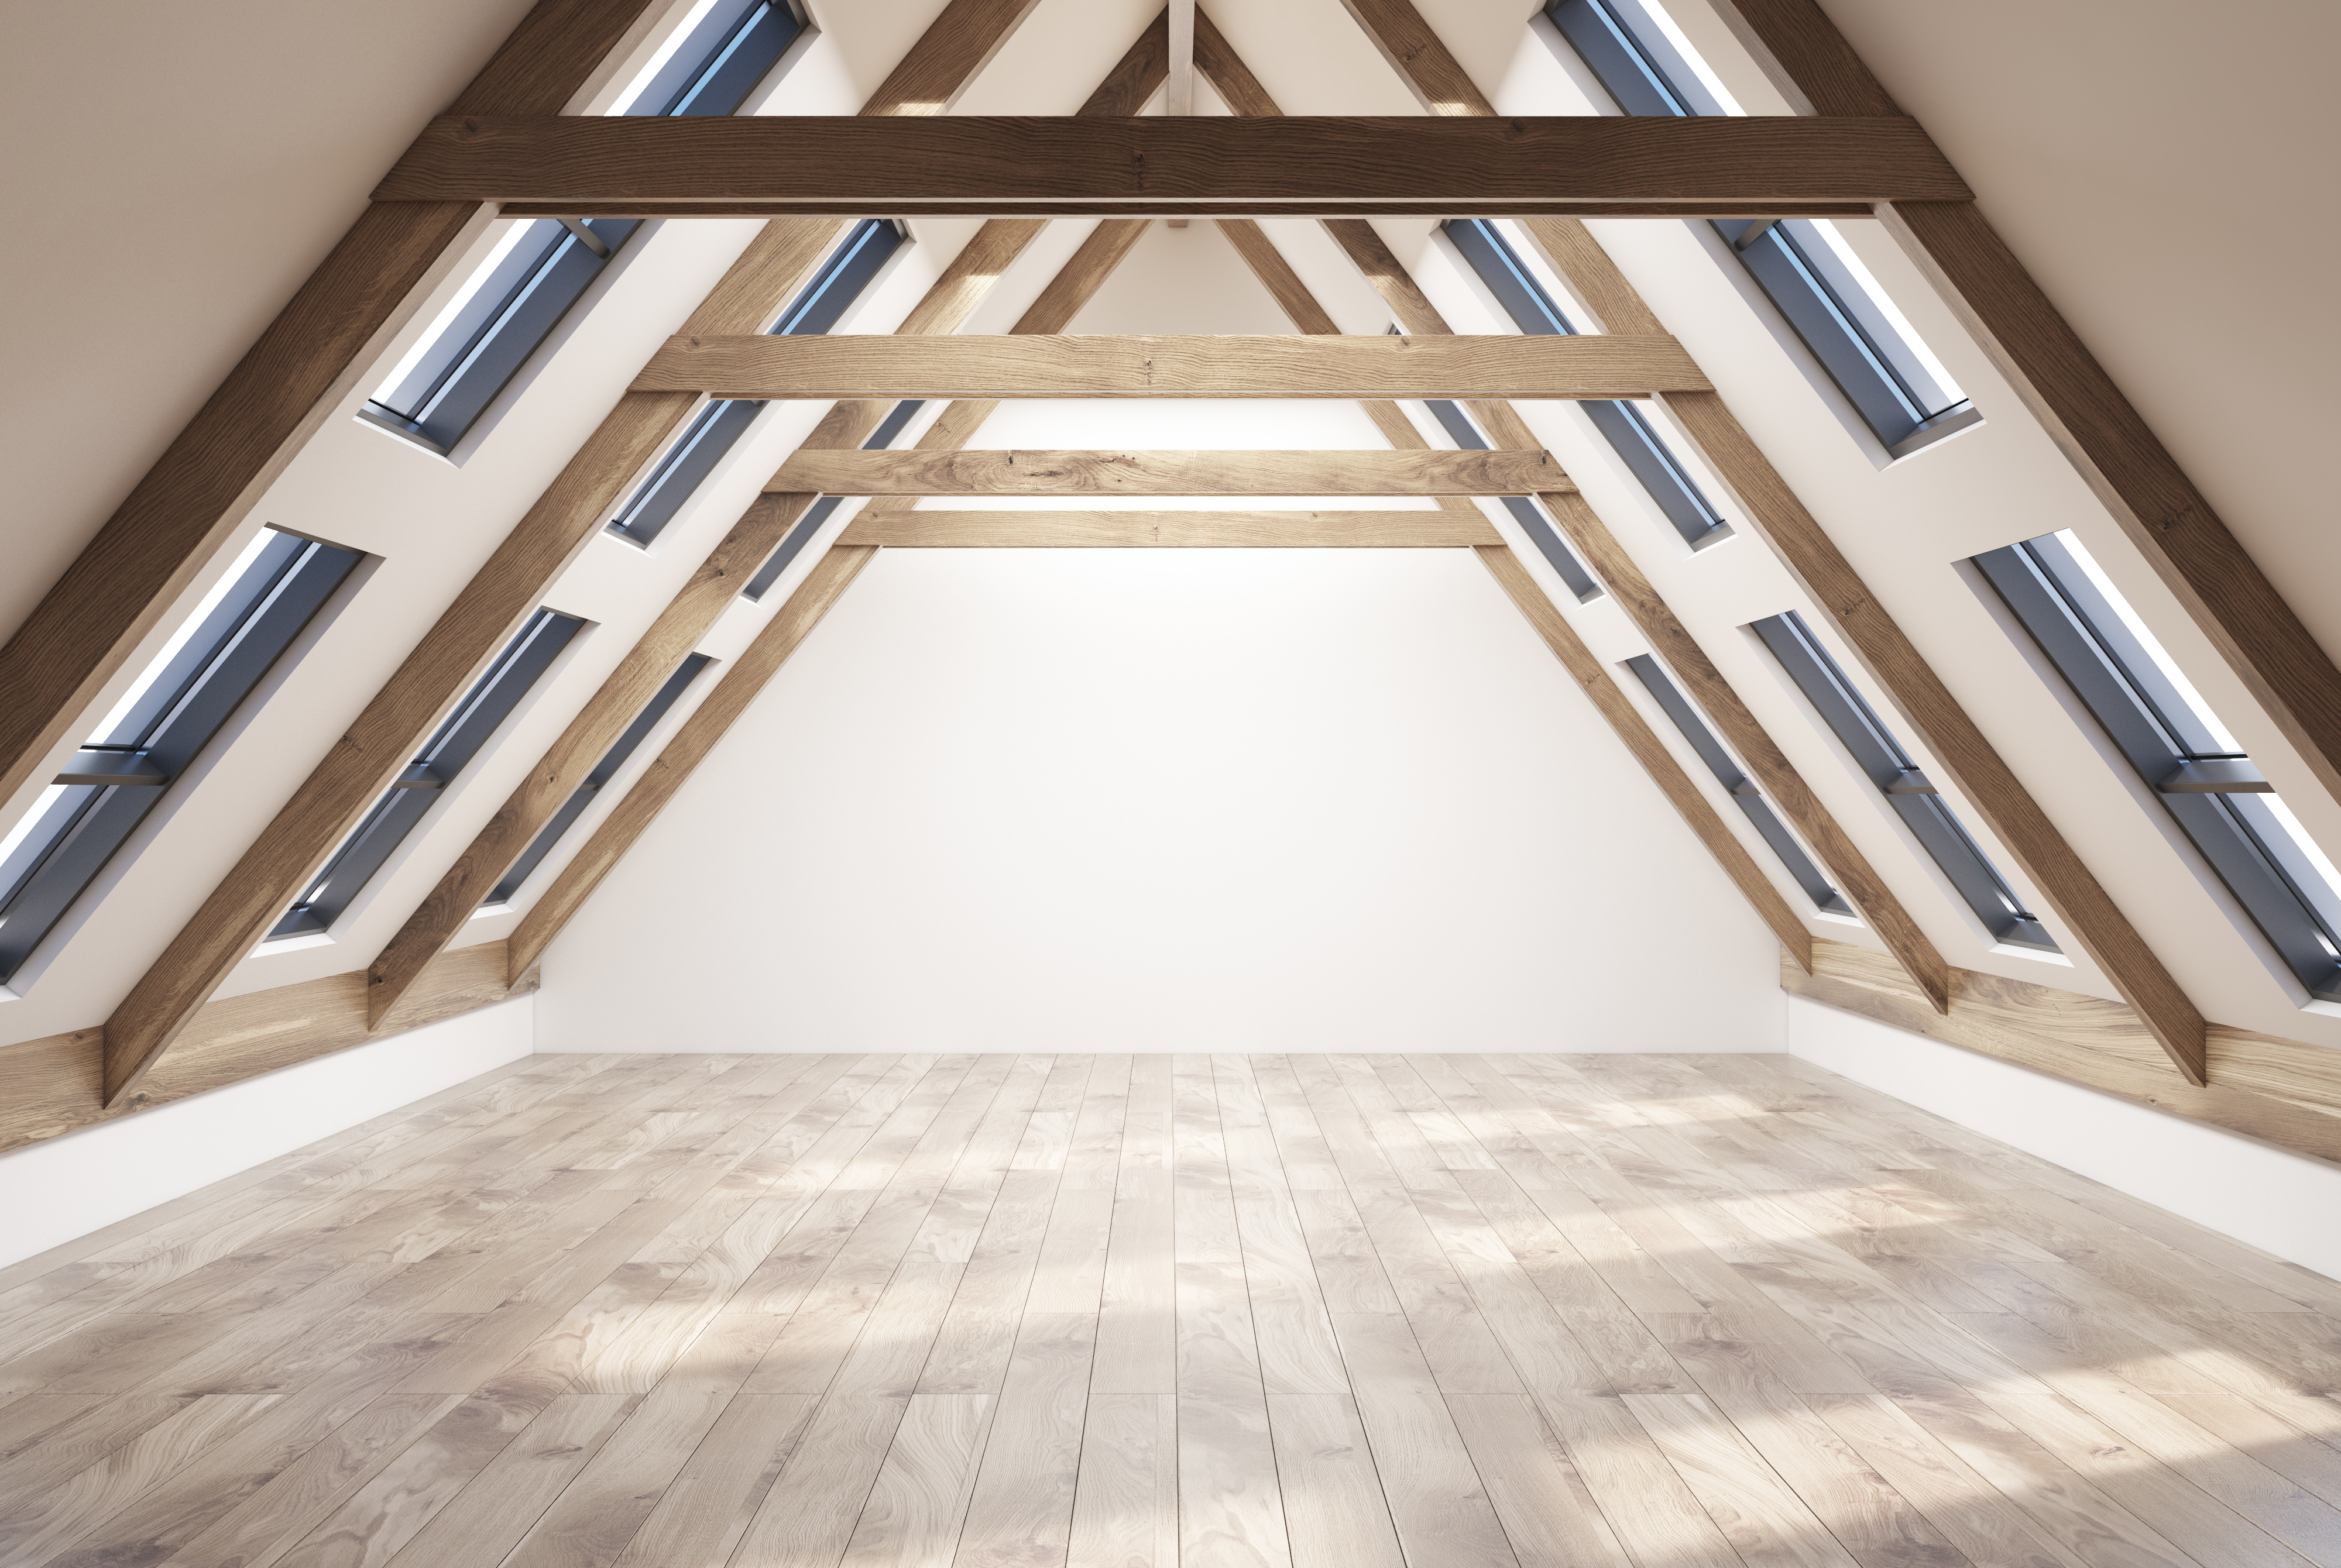 Changer Le Plancher D Une Maison comment effectuer la pose d'un plancher pour combles ?